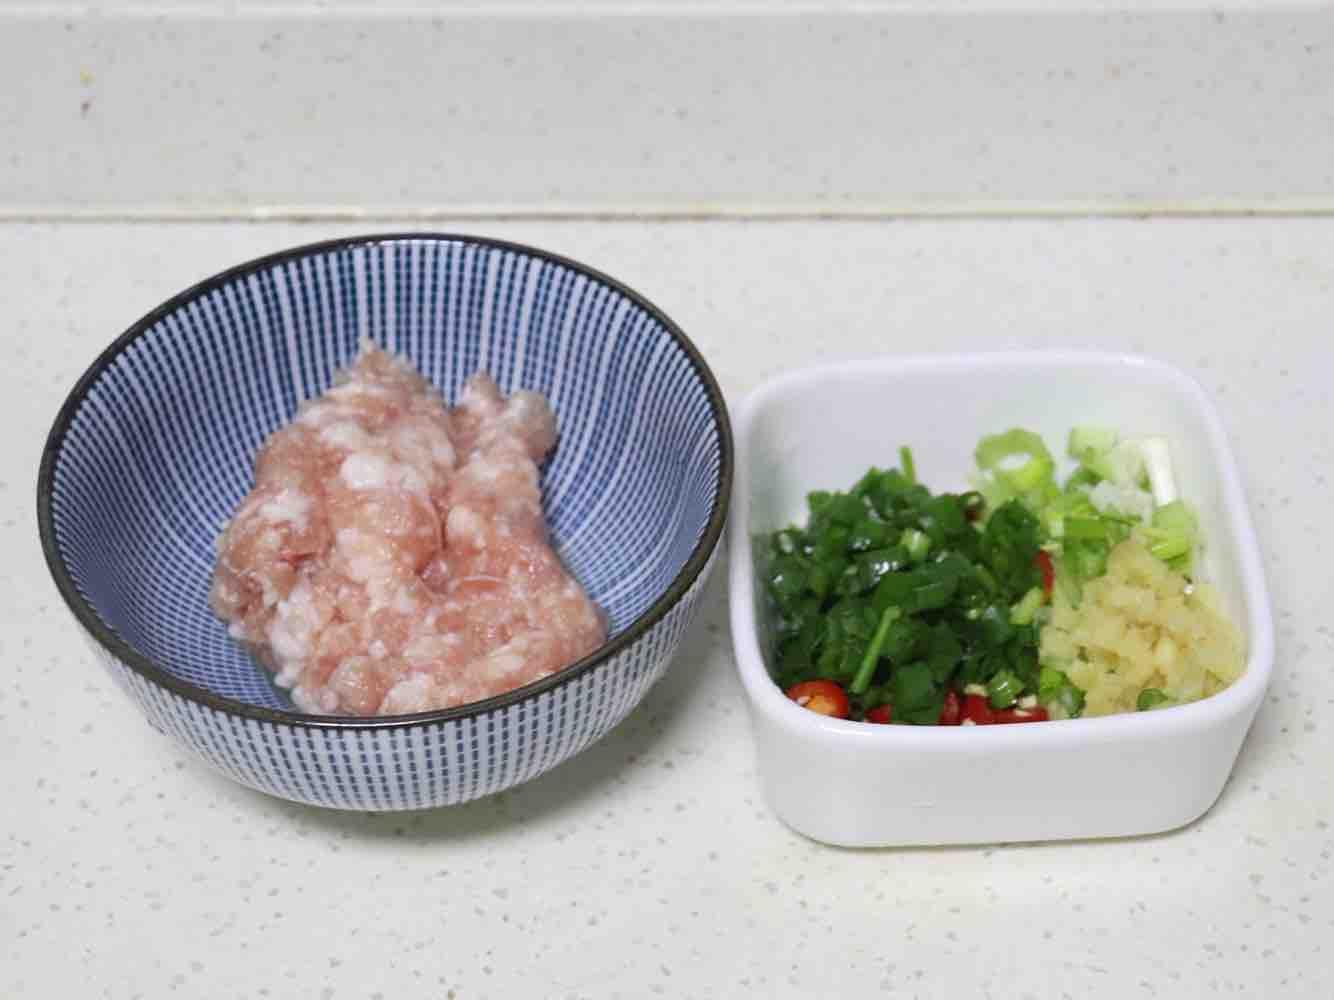 肉末豆腐蒸蛋羹的简单做法